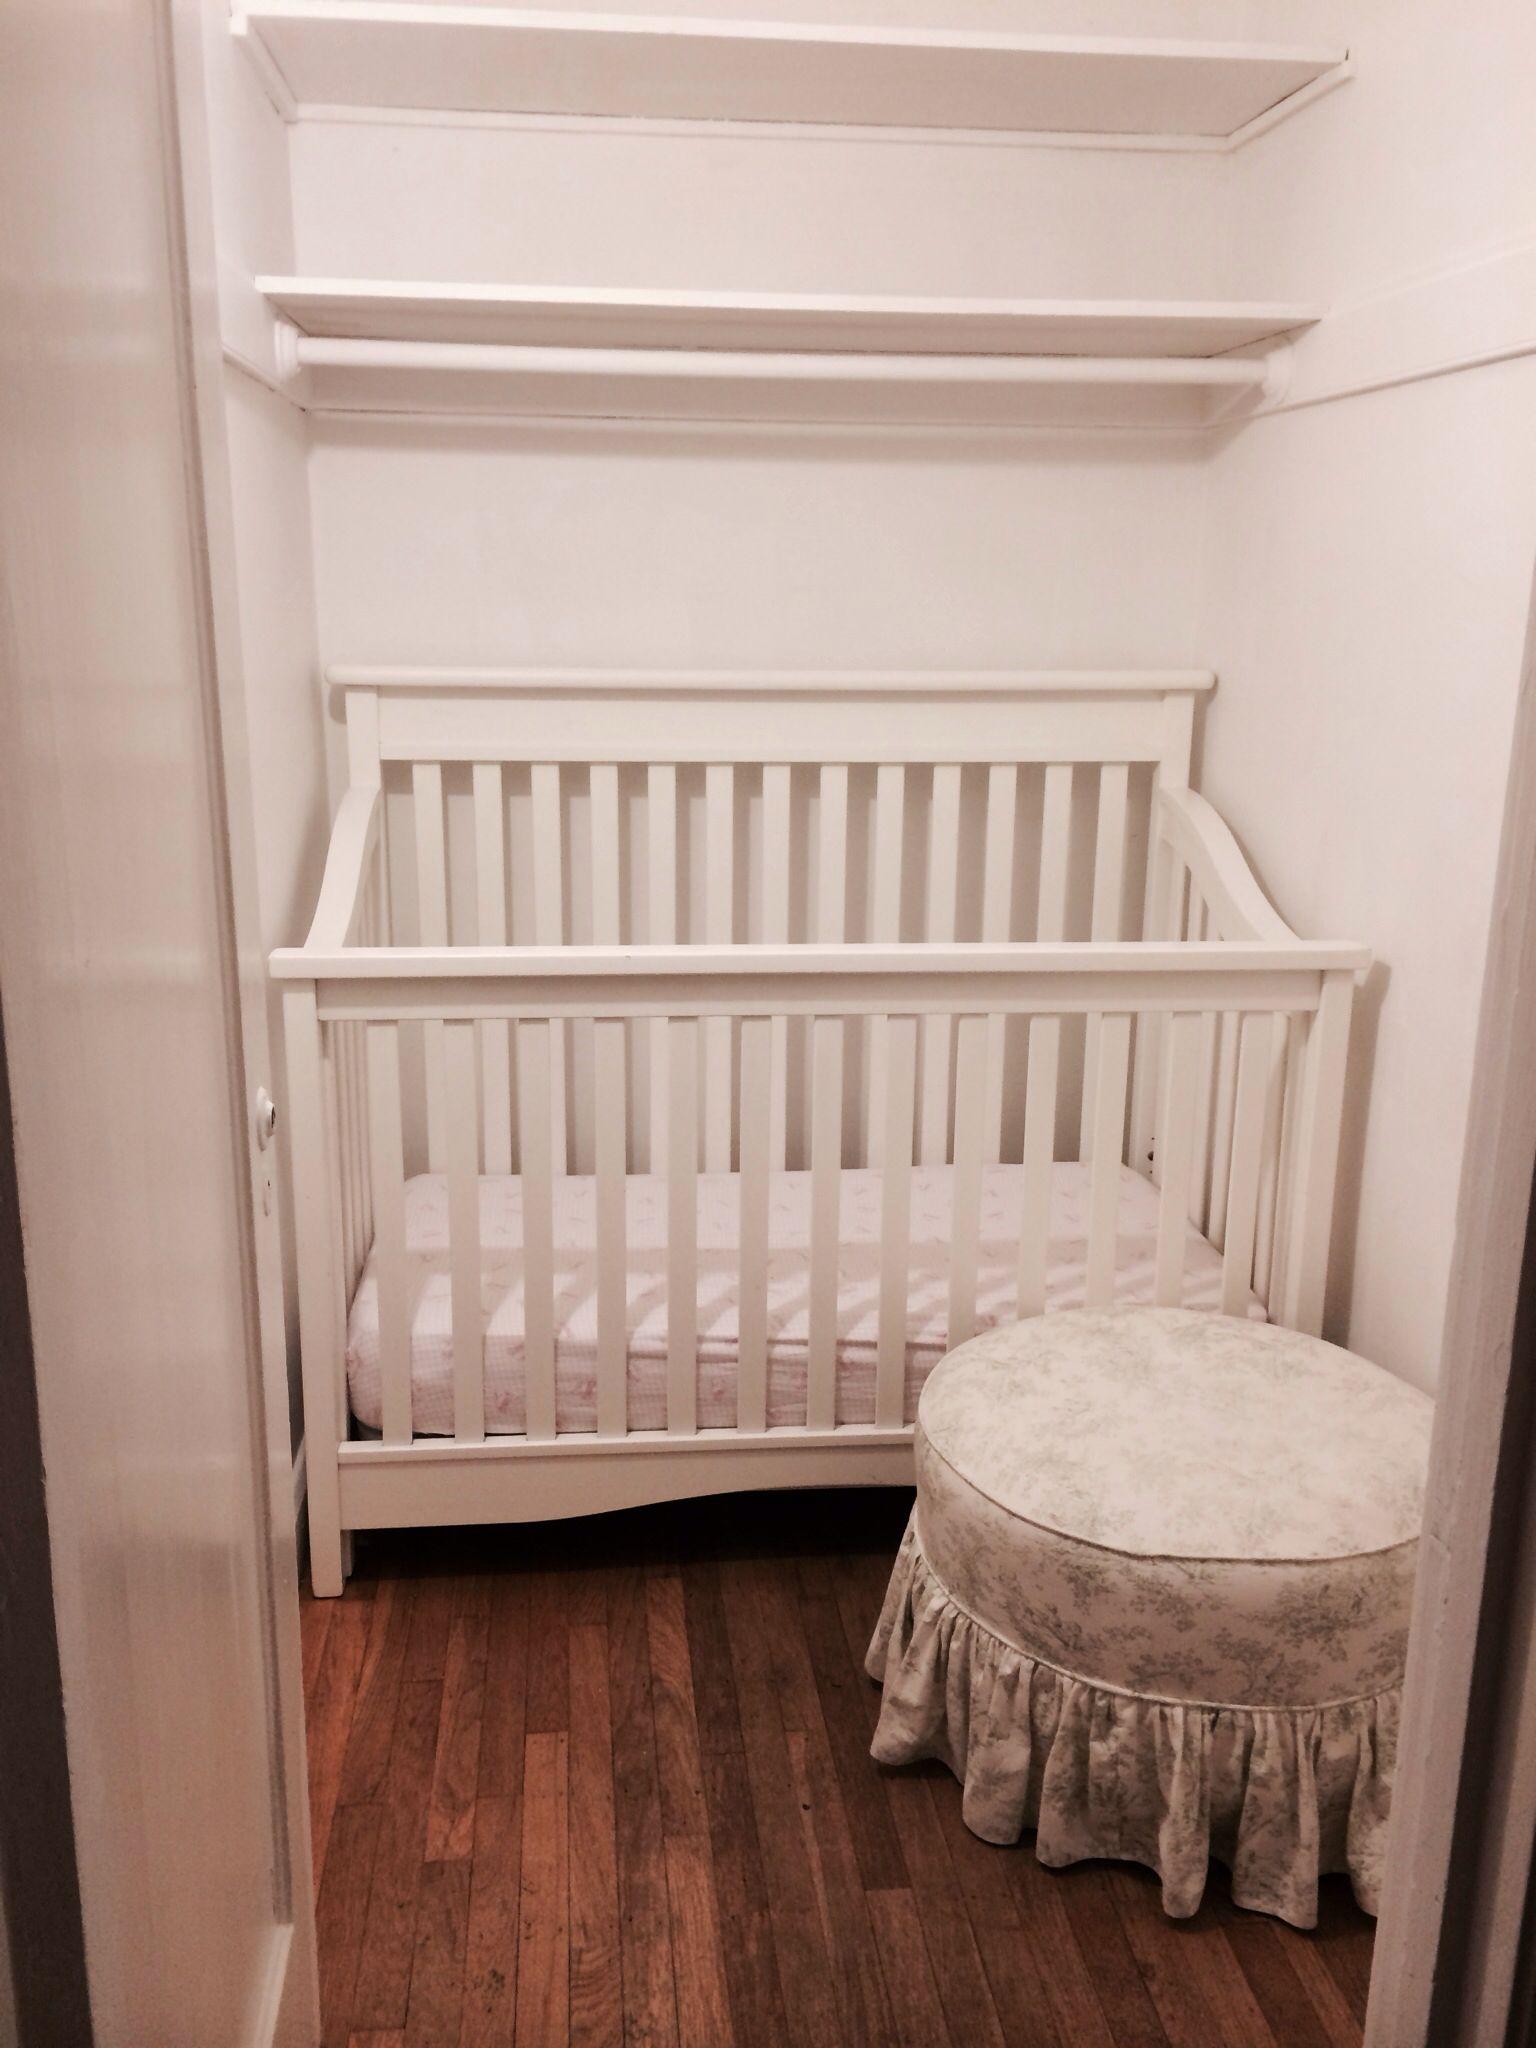 Closet Nursery   Ideas For A Small Nursery